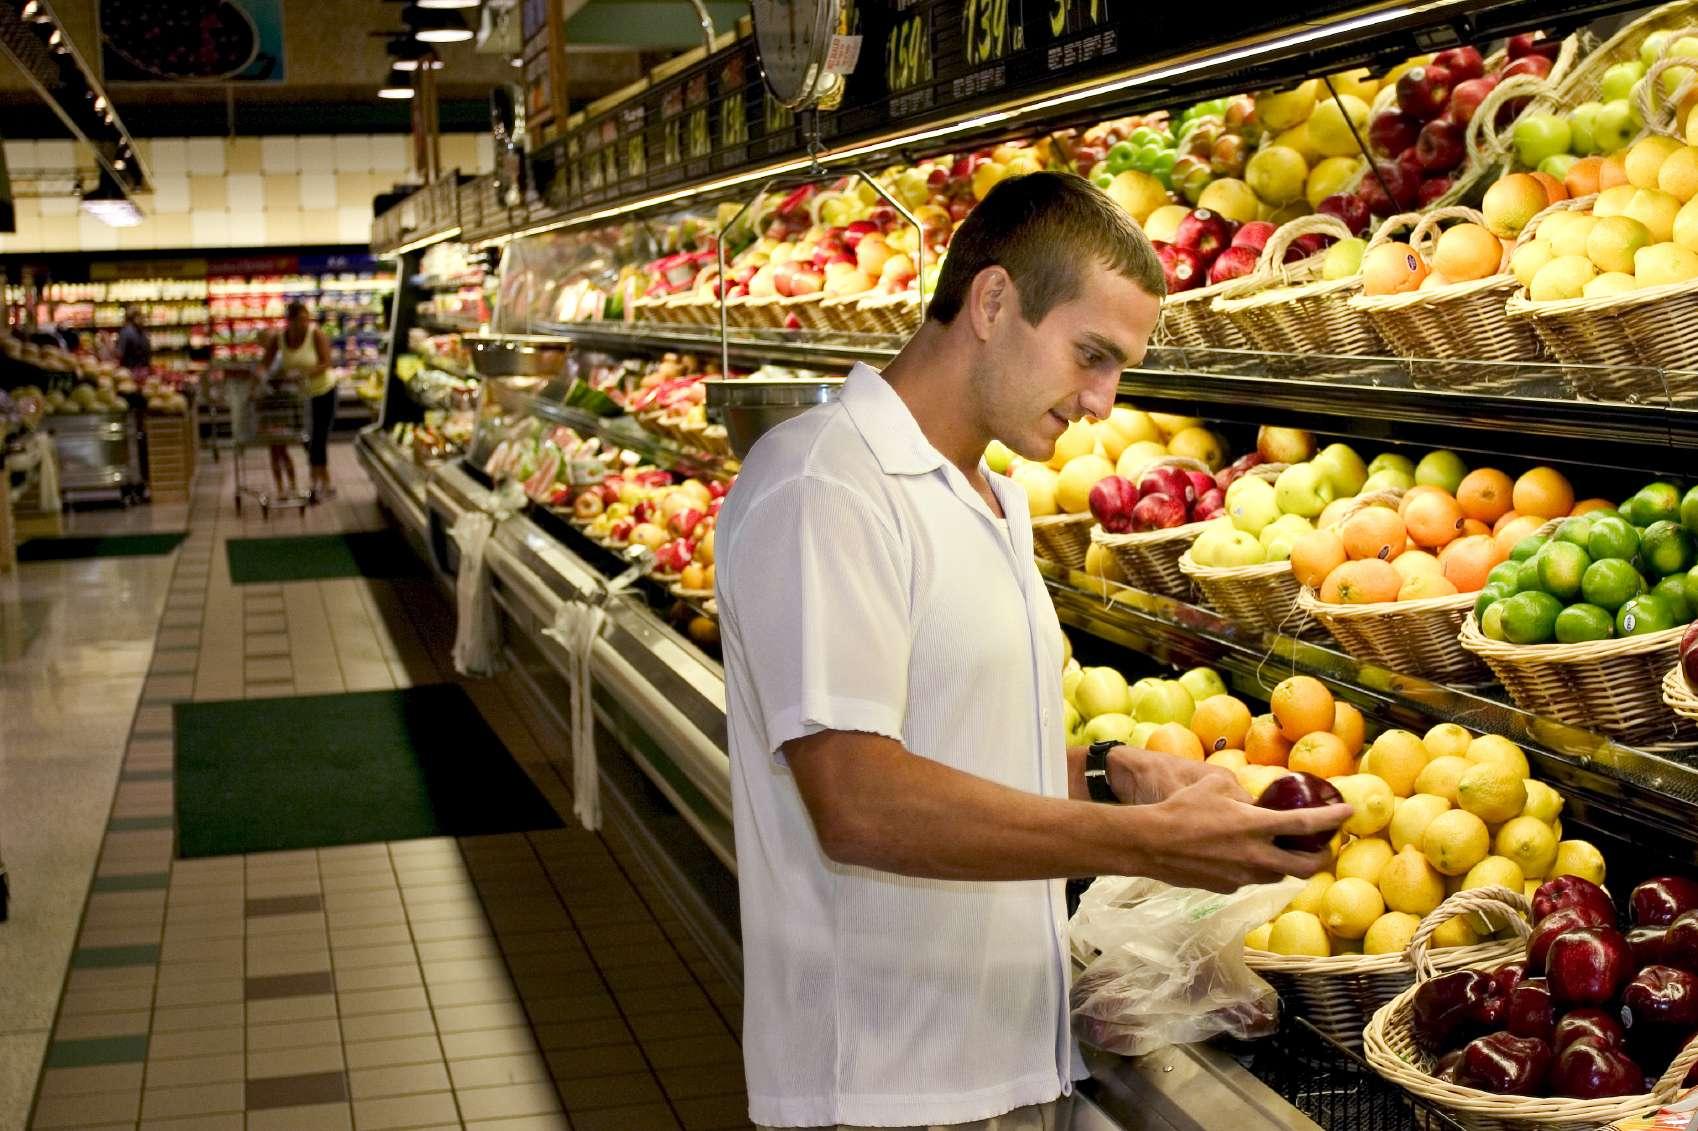 Выбор продуктов имеет важное значение